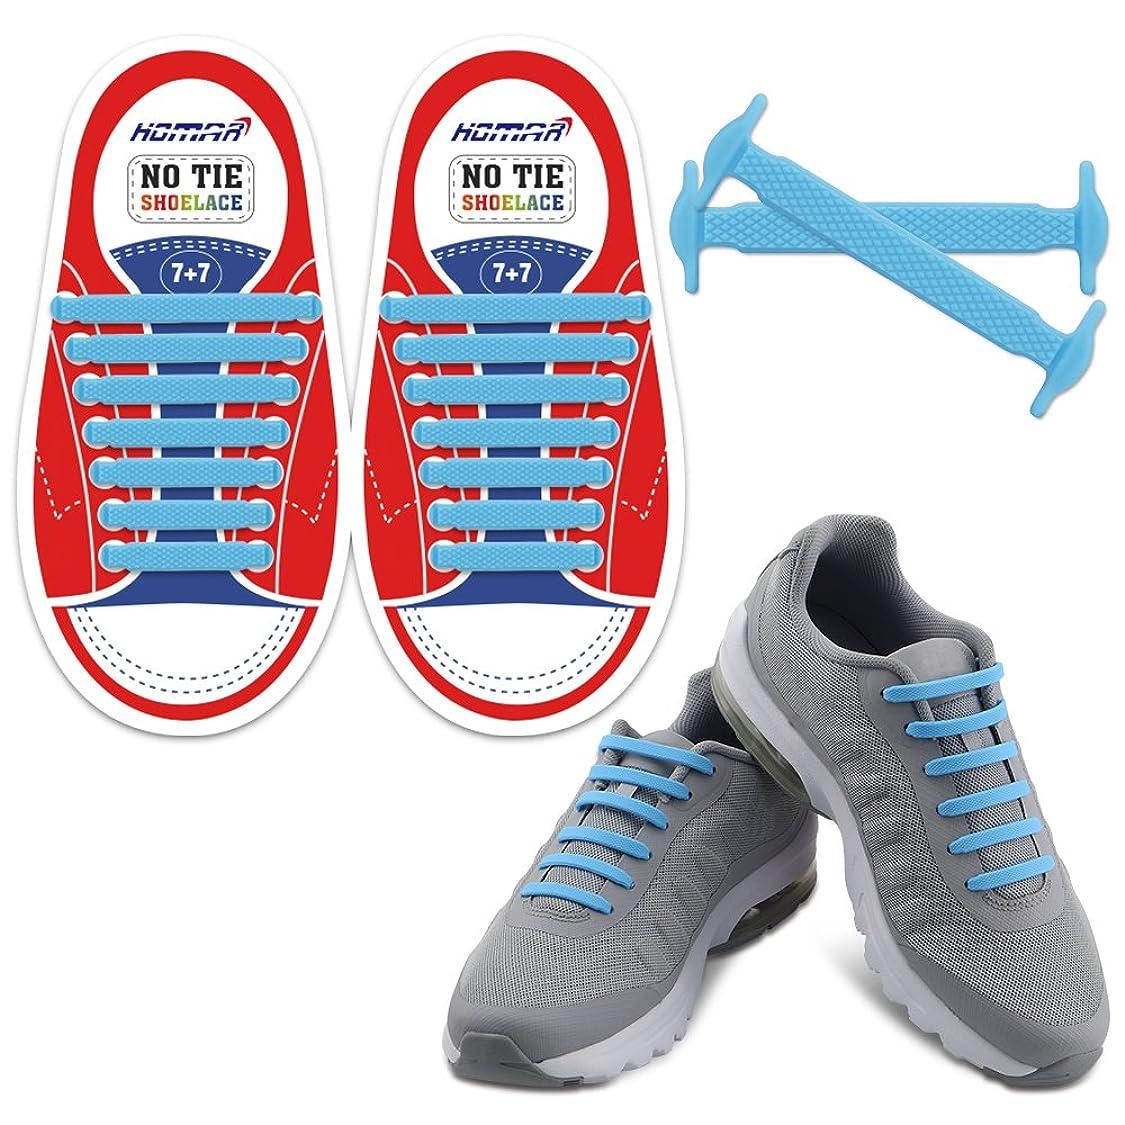 巨大マザーランドリーズHomar 結ばない靴ひも 子ども?大人用 スポーツに最適 楽しい靴ひも 防水シリコンゴムフラット マルチカラーのアスレチックランニングシューズ靴ひも スニーカー?ブーツ?ボードシューズ?カジュアルシューズに